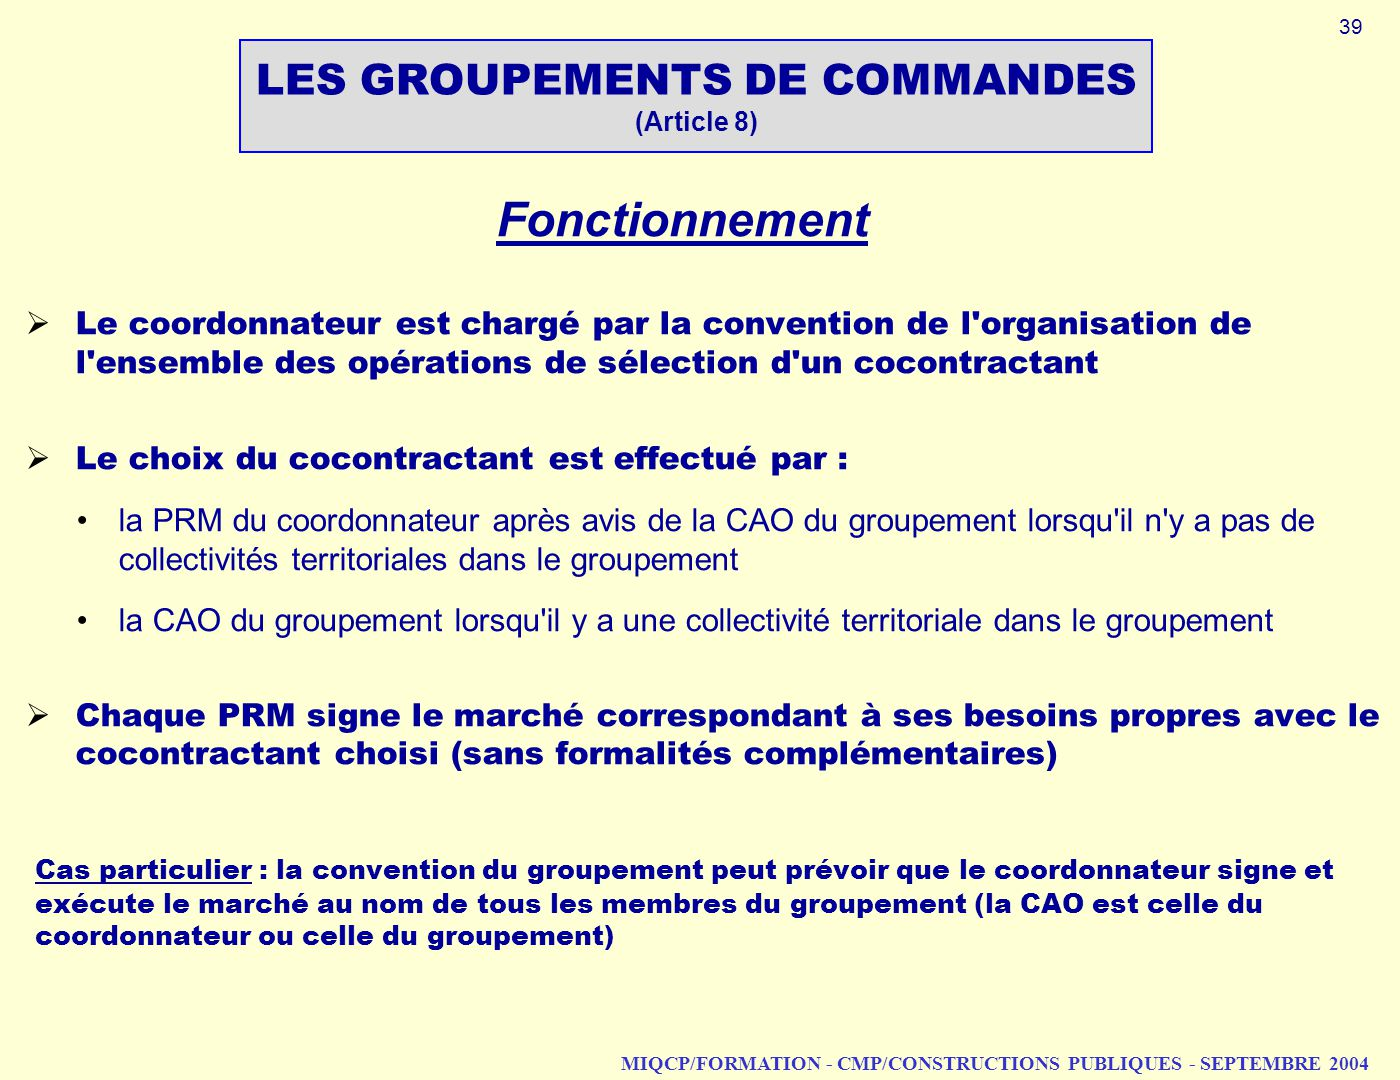 MIQCP/FORMATION - CMP/CONSTRUCTIONS PUBLIQUES - SEPTEMBRE 2004 Fonctionnement Le coordonnateur est chargé par la convention de l'organisation de l'ens